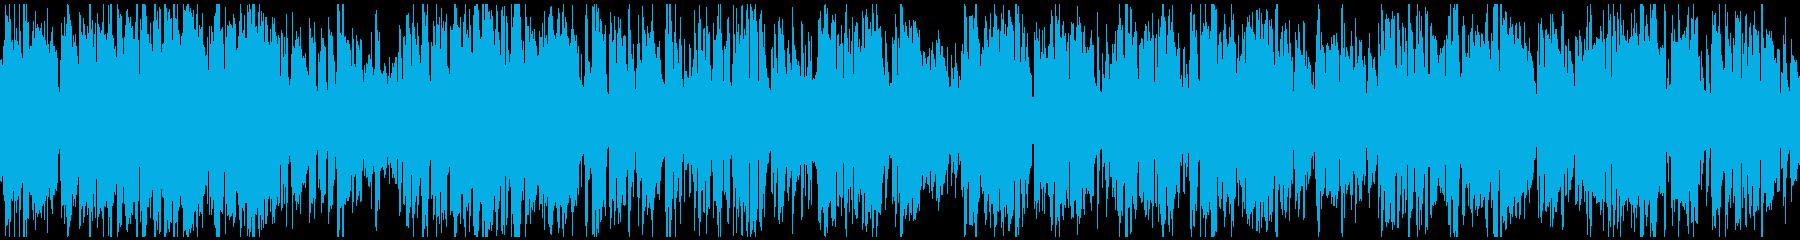 活発で軽快スポーティーなジャズ※ループ版の再生済みの波形